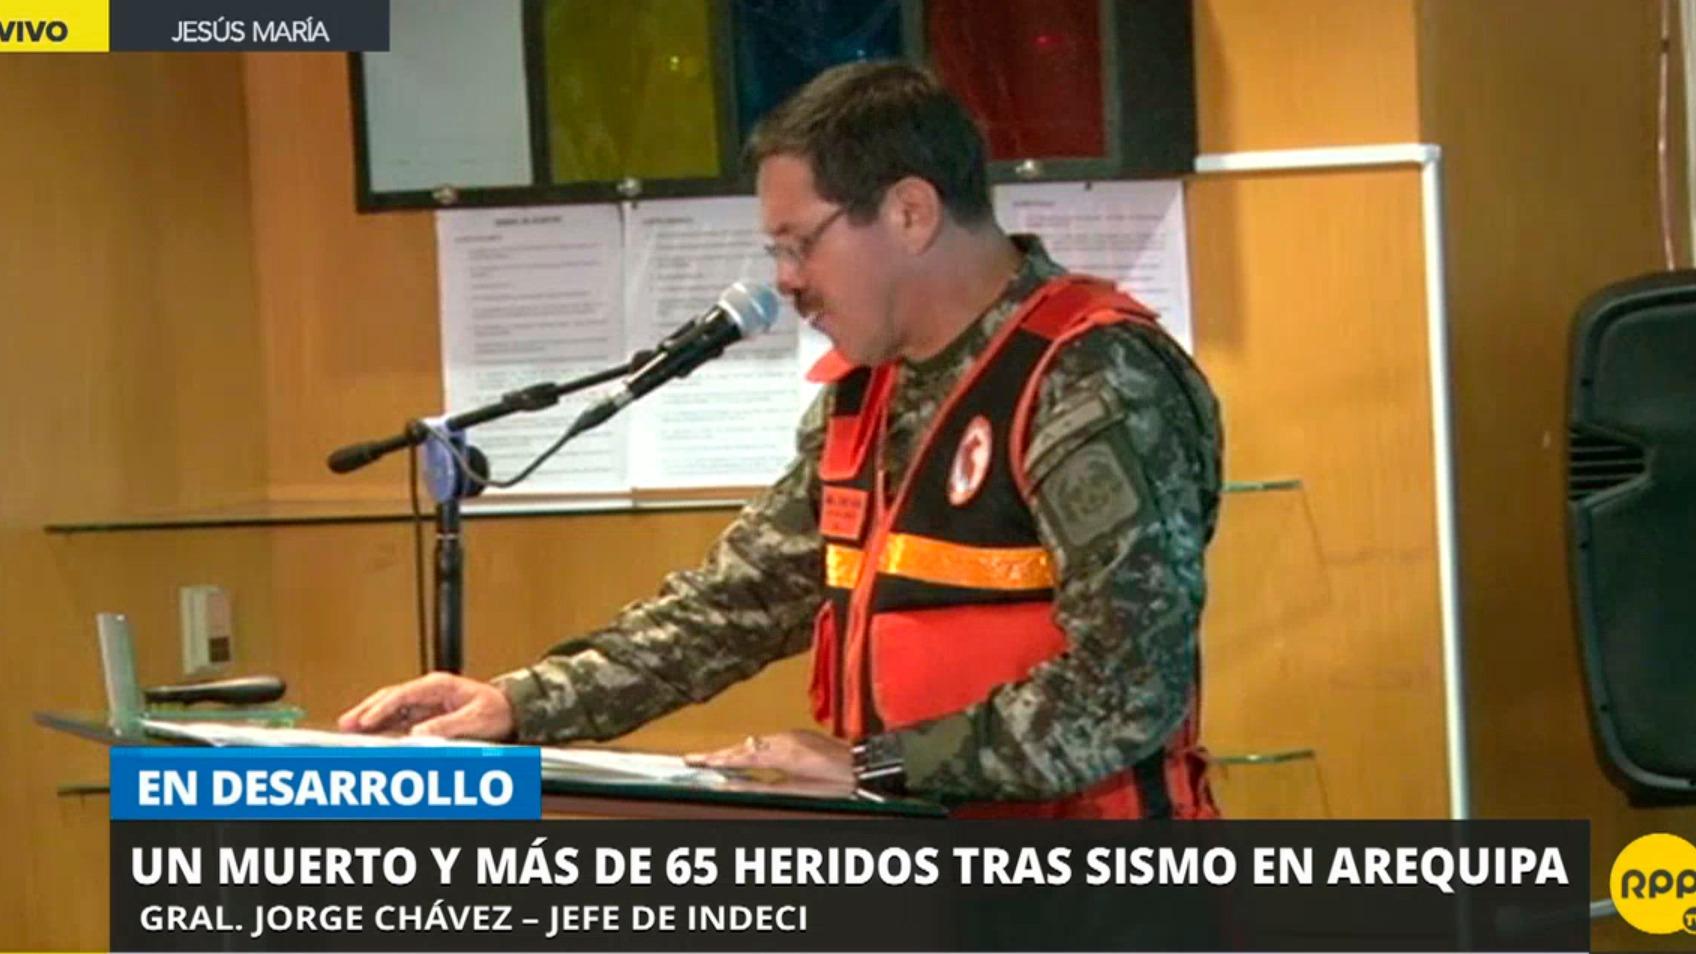 El general Jorge Chávez, jefe de Indeci, presentó su reporte desde el COEN